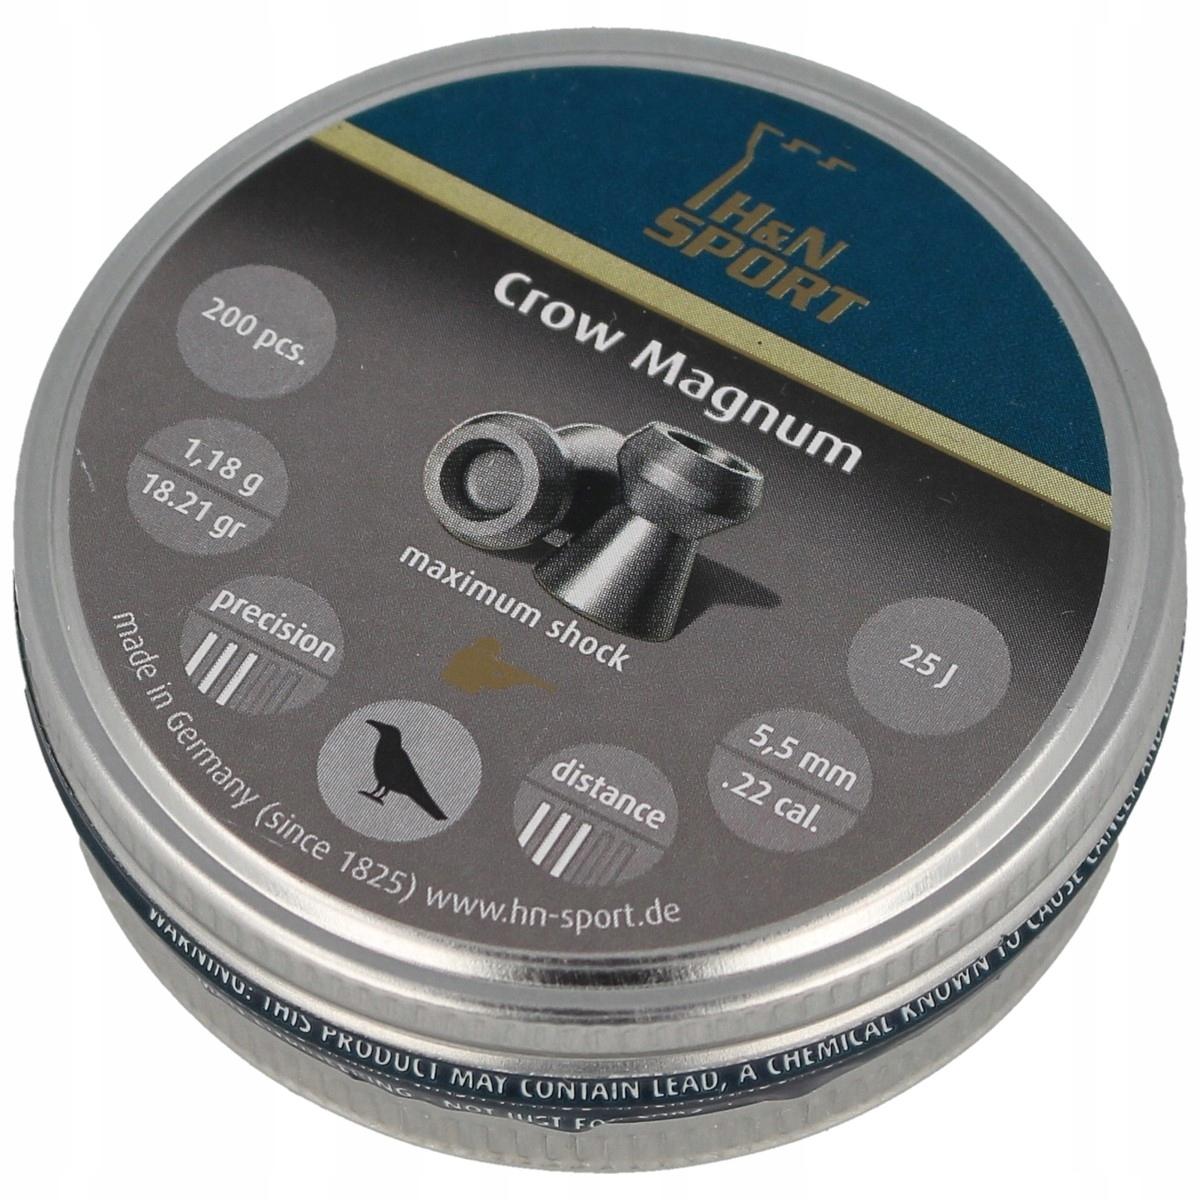 Śrut H&N Crow Magnum 5.5mm 200szt